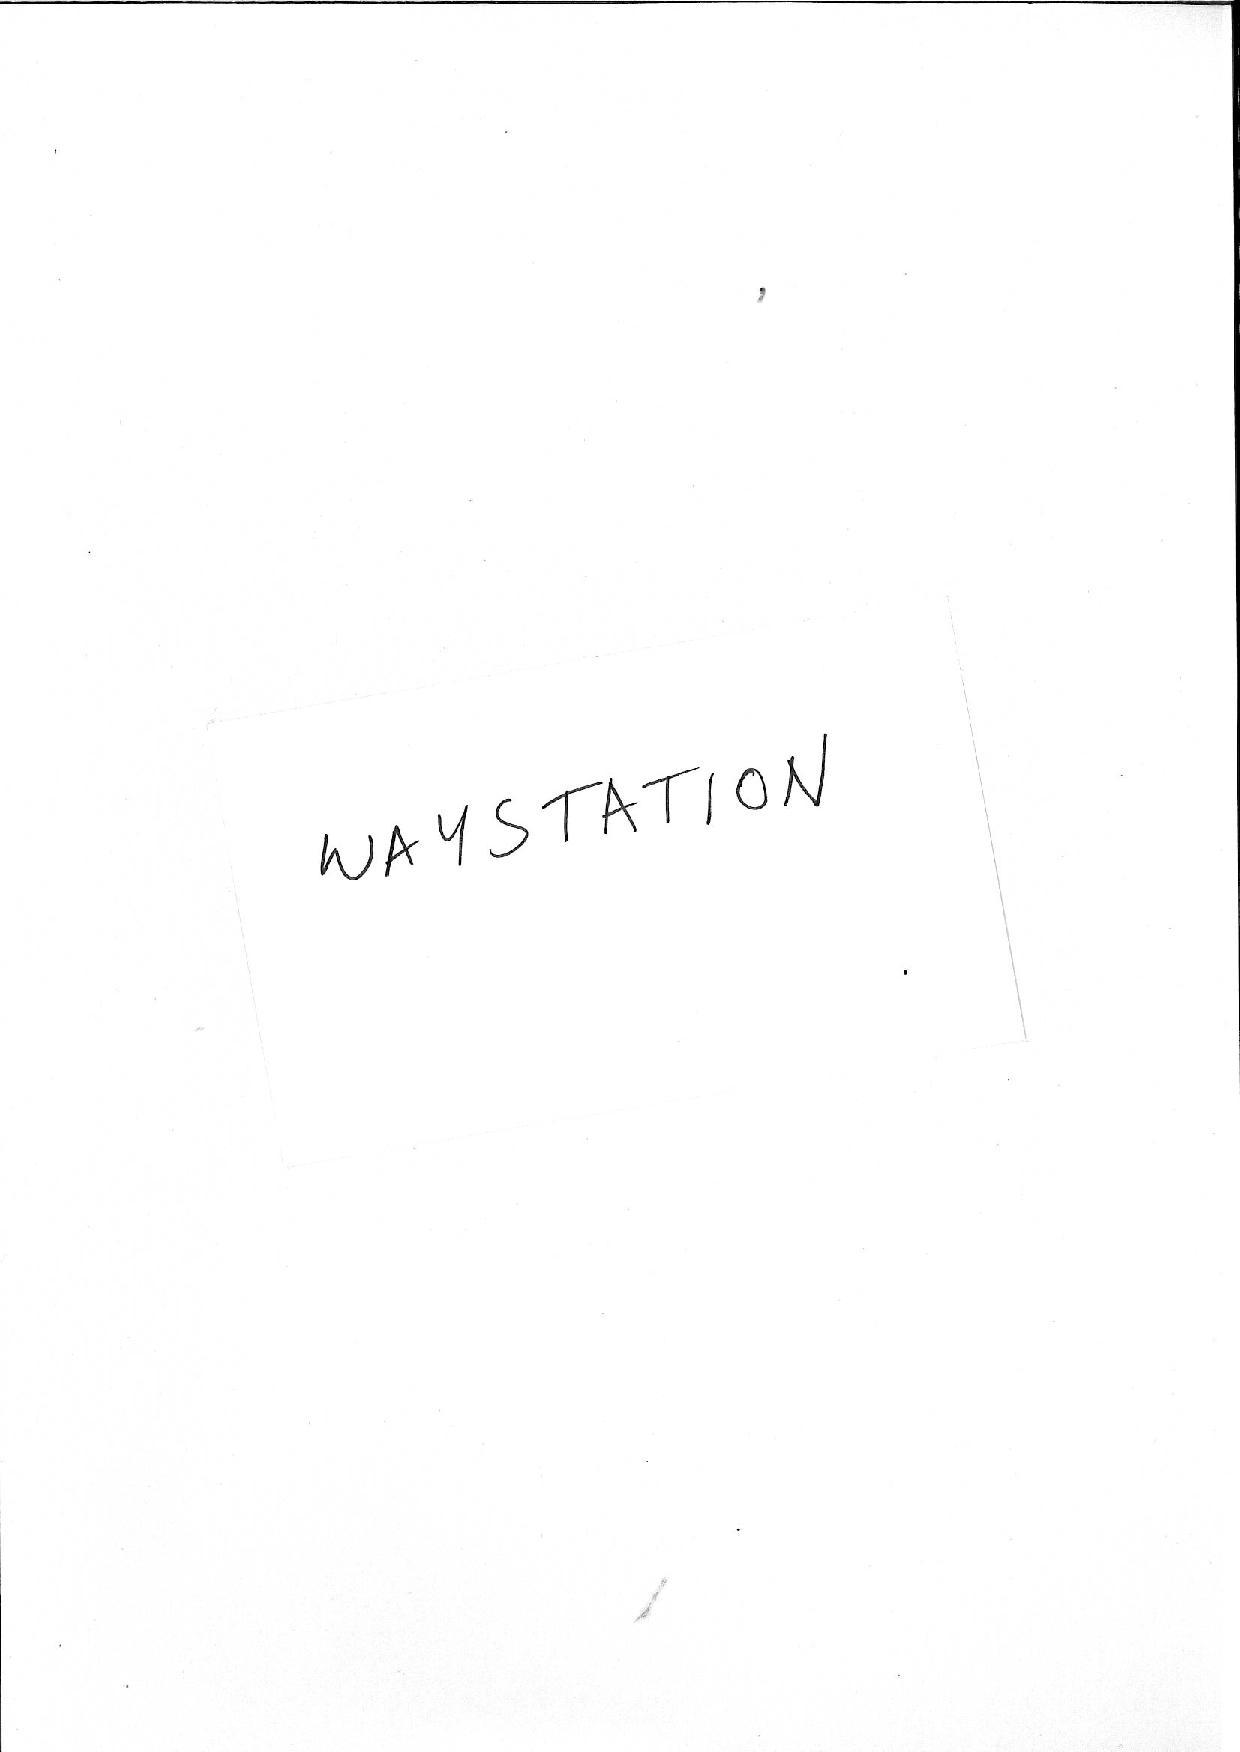 Day 5. Waystation